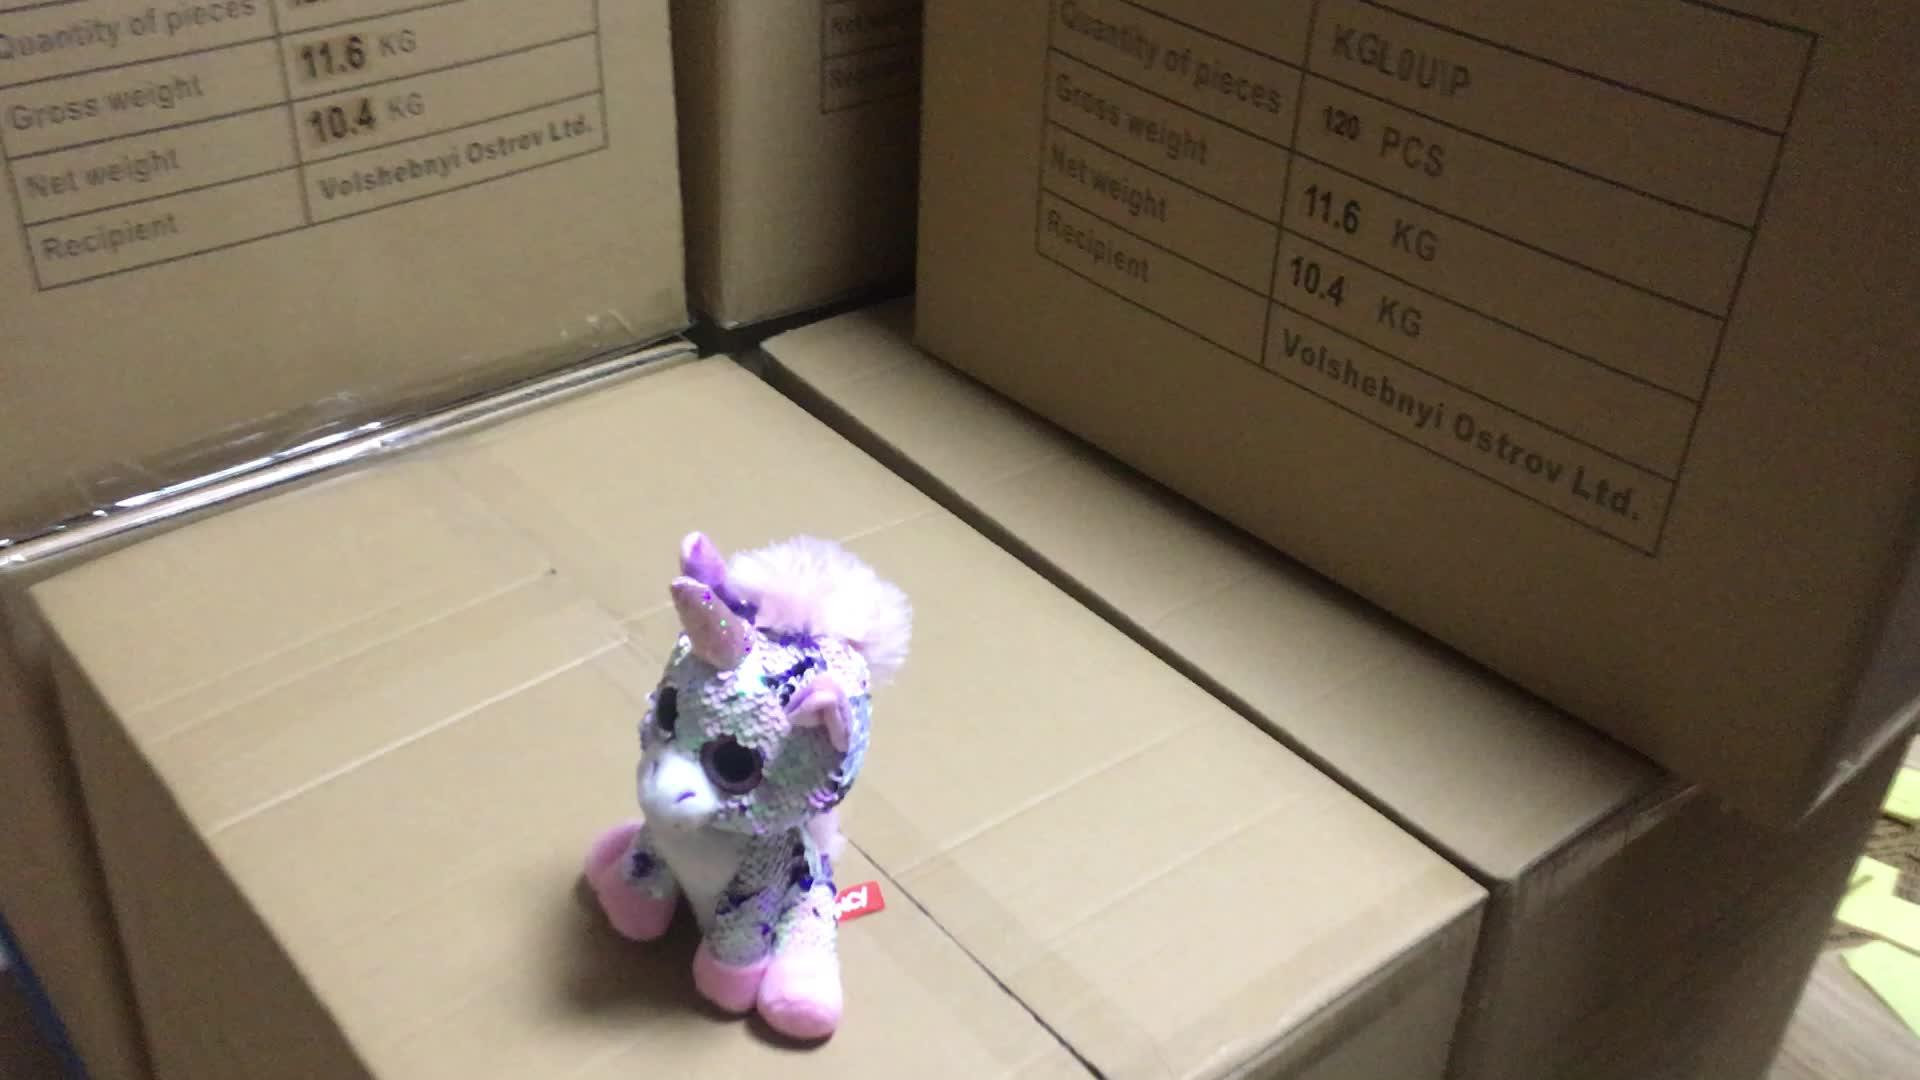 ที่กำหนดเองขายส่งส่งเสริมการขาย soft plush ของเล่นสุนัข floppy dog plush โรงงาน